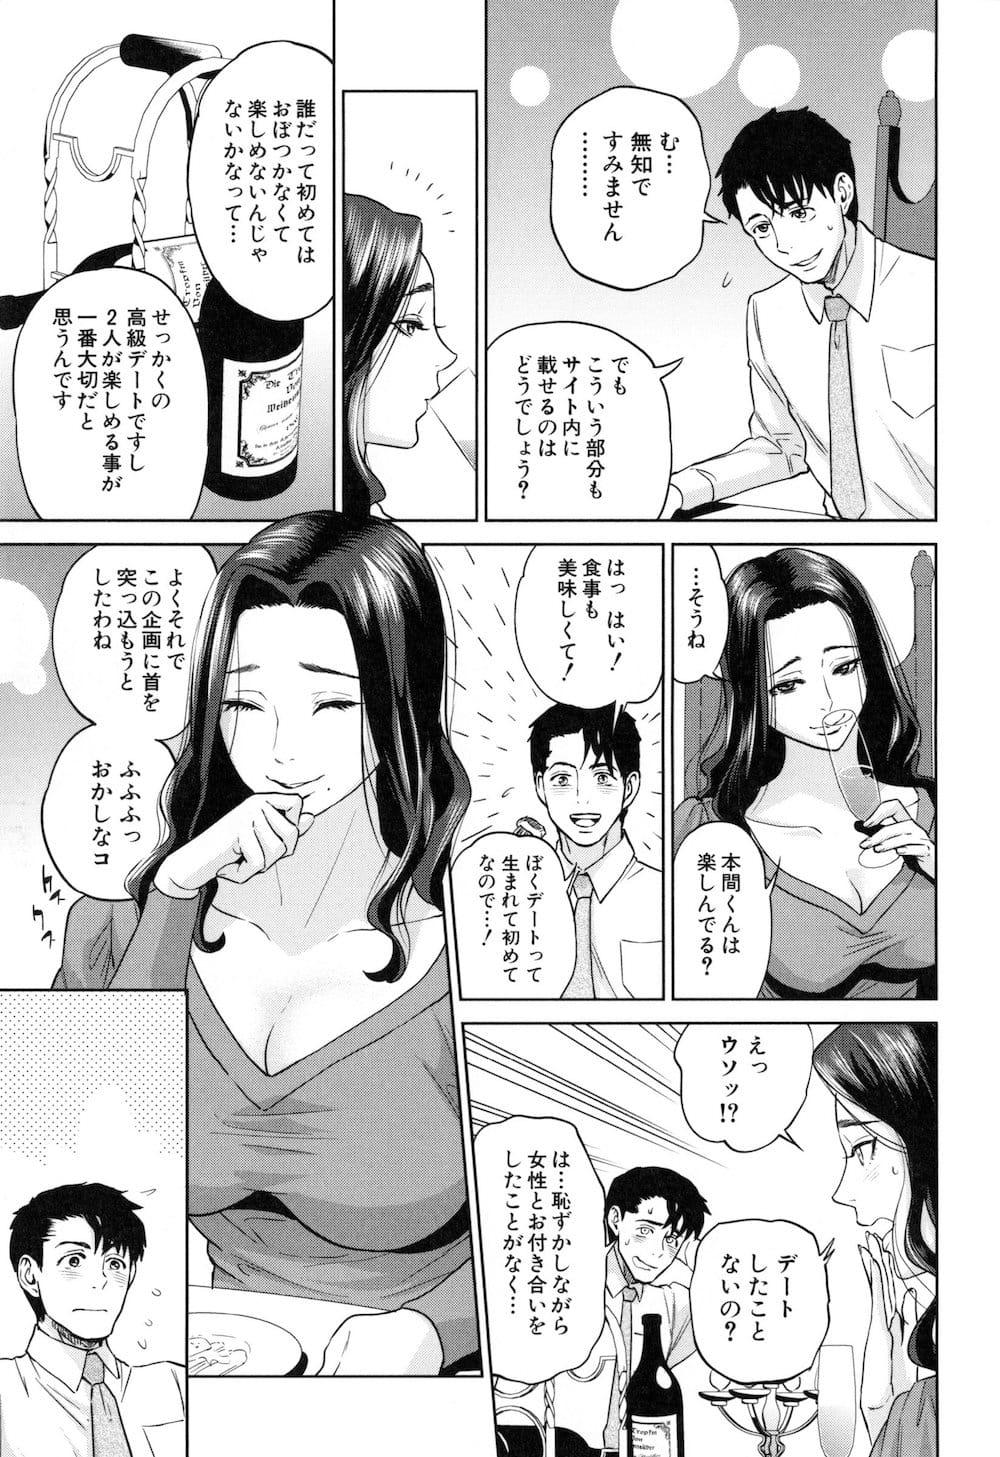 【長編エロ漫画・第5話】女性しかいない職場で一人奮闘する新人男性社員!モンスタークライアントな熟女社長と打ち合わせ!ラブホでSEXして気に入られました!【東西】